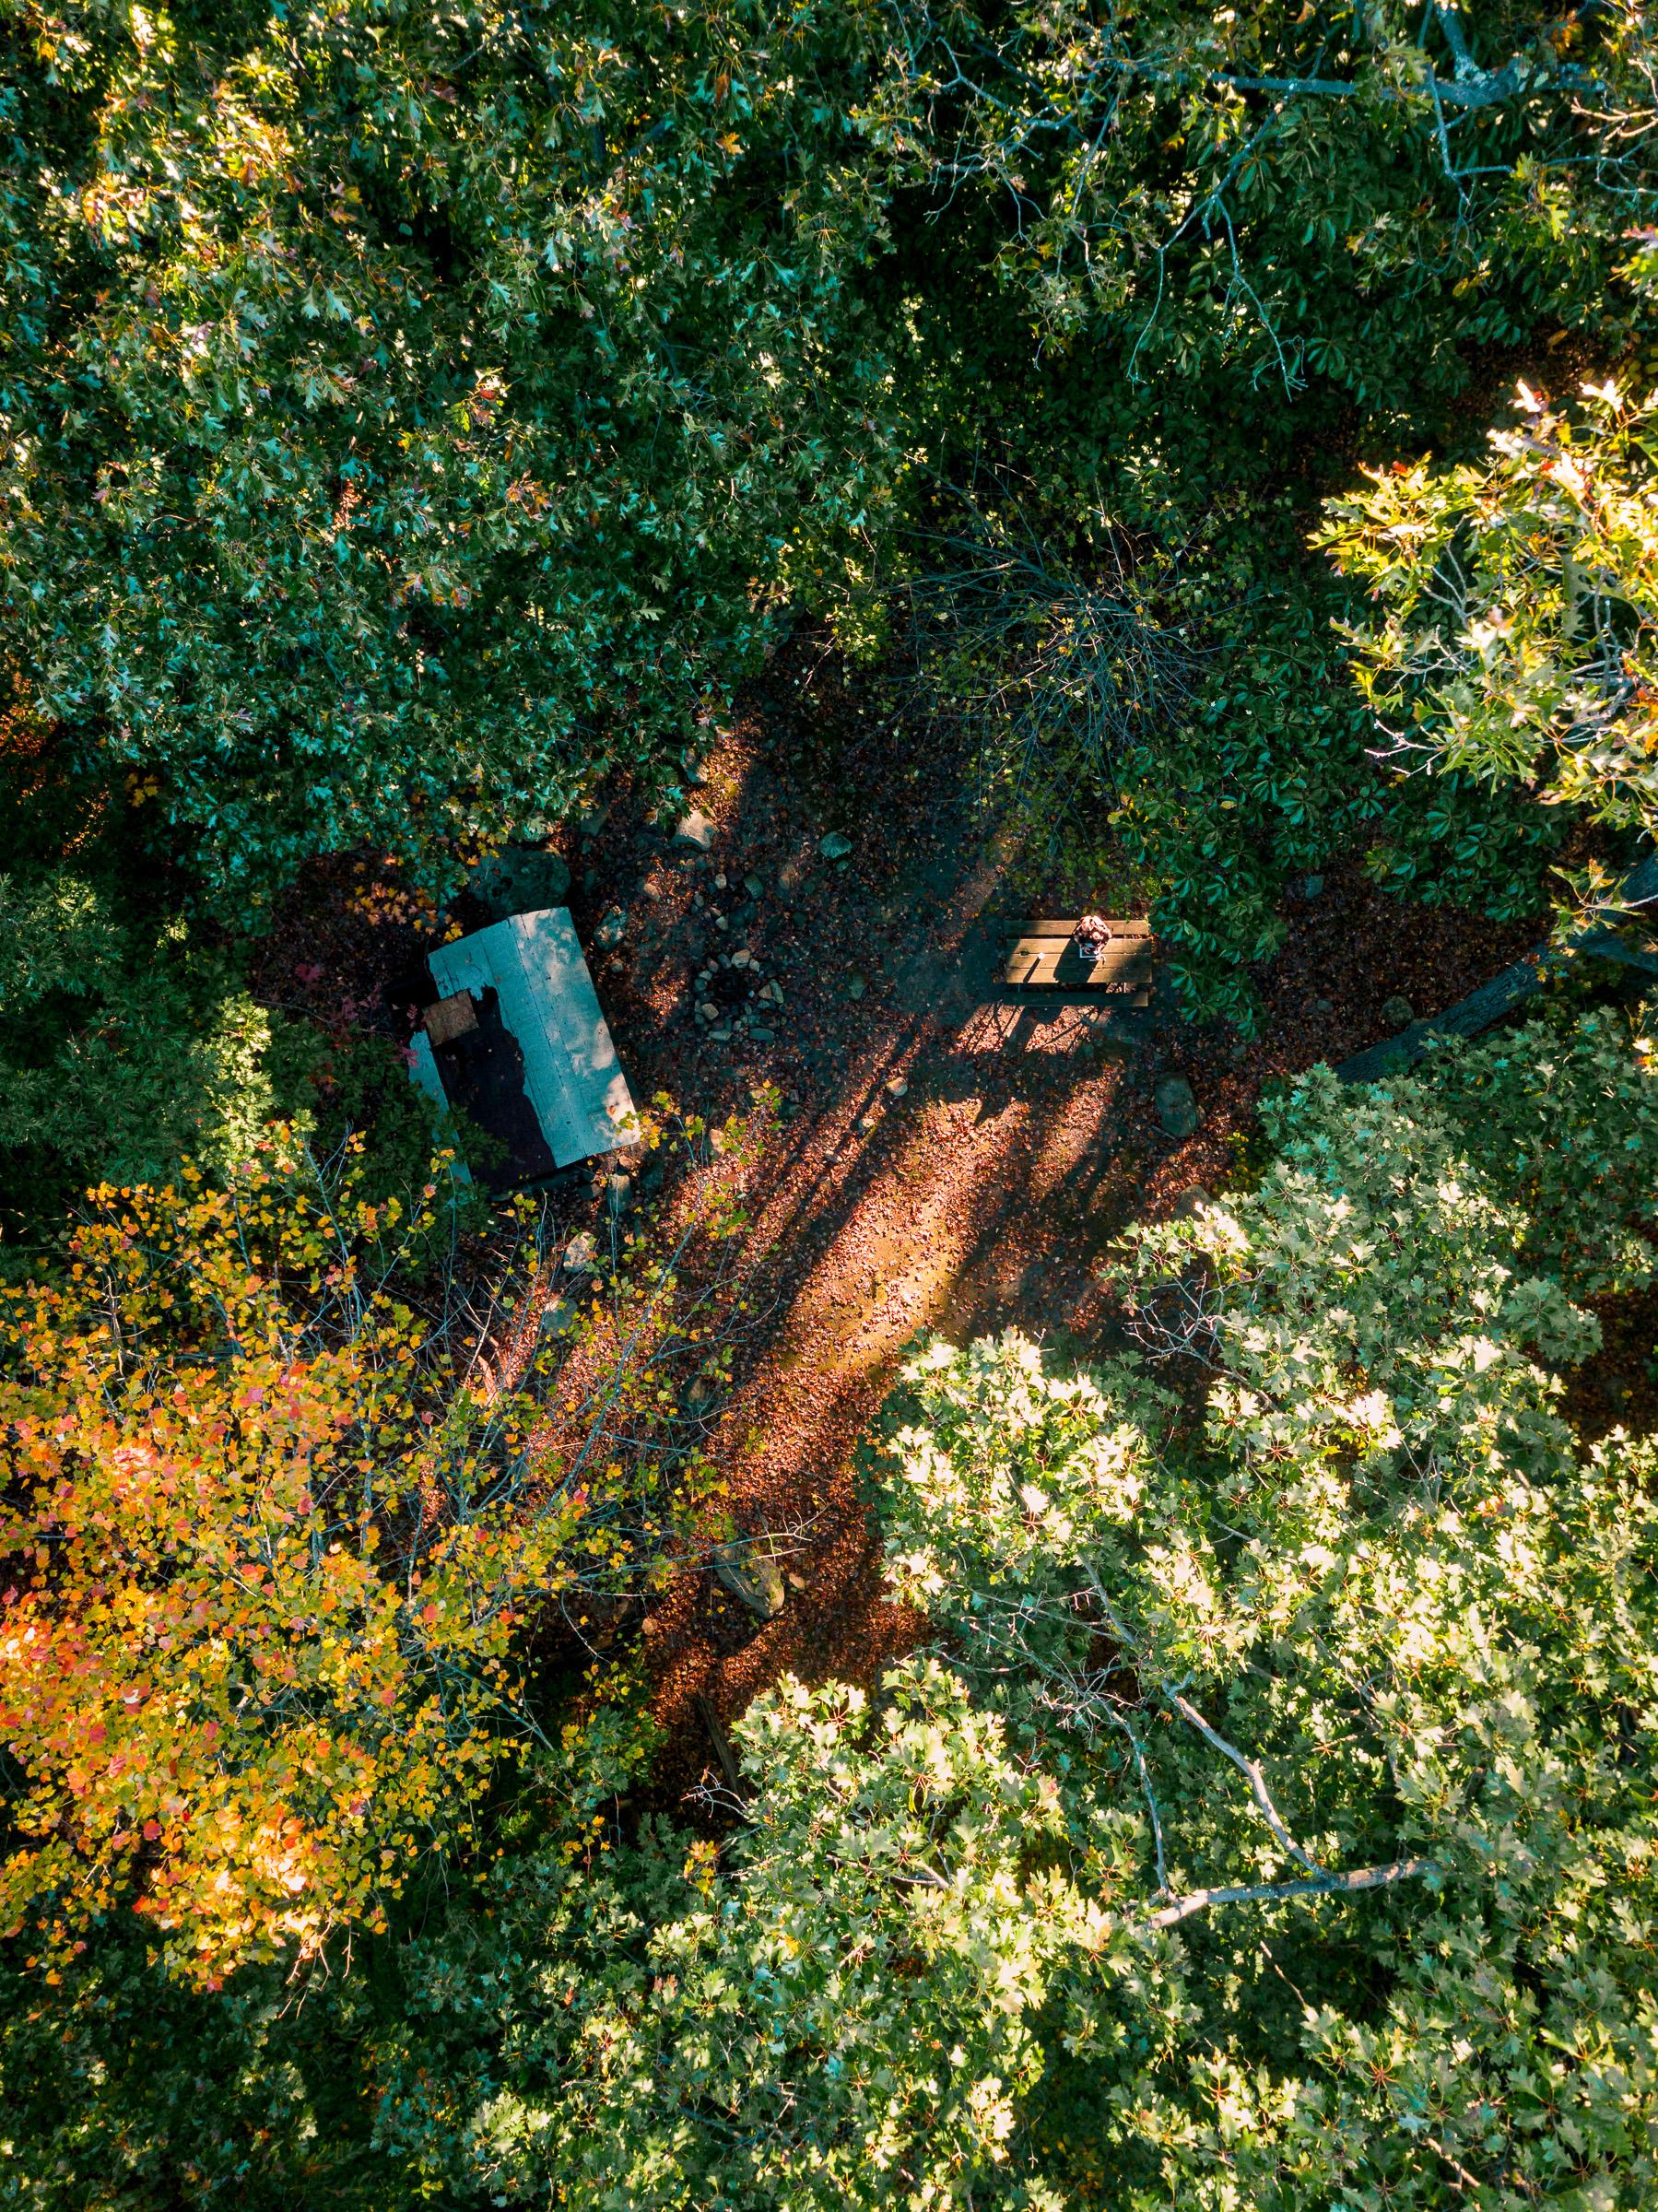 officeinthewoods_typoland_aerial-1.jpg